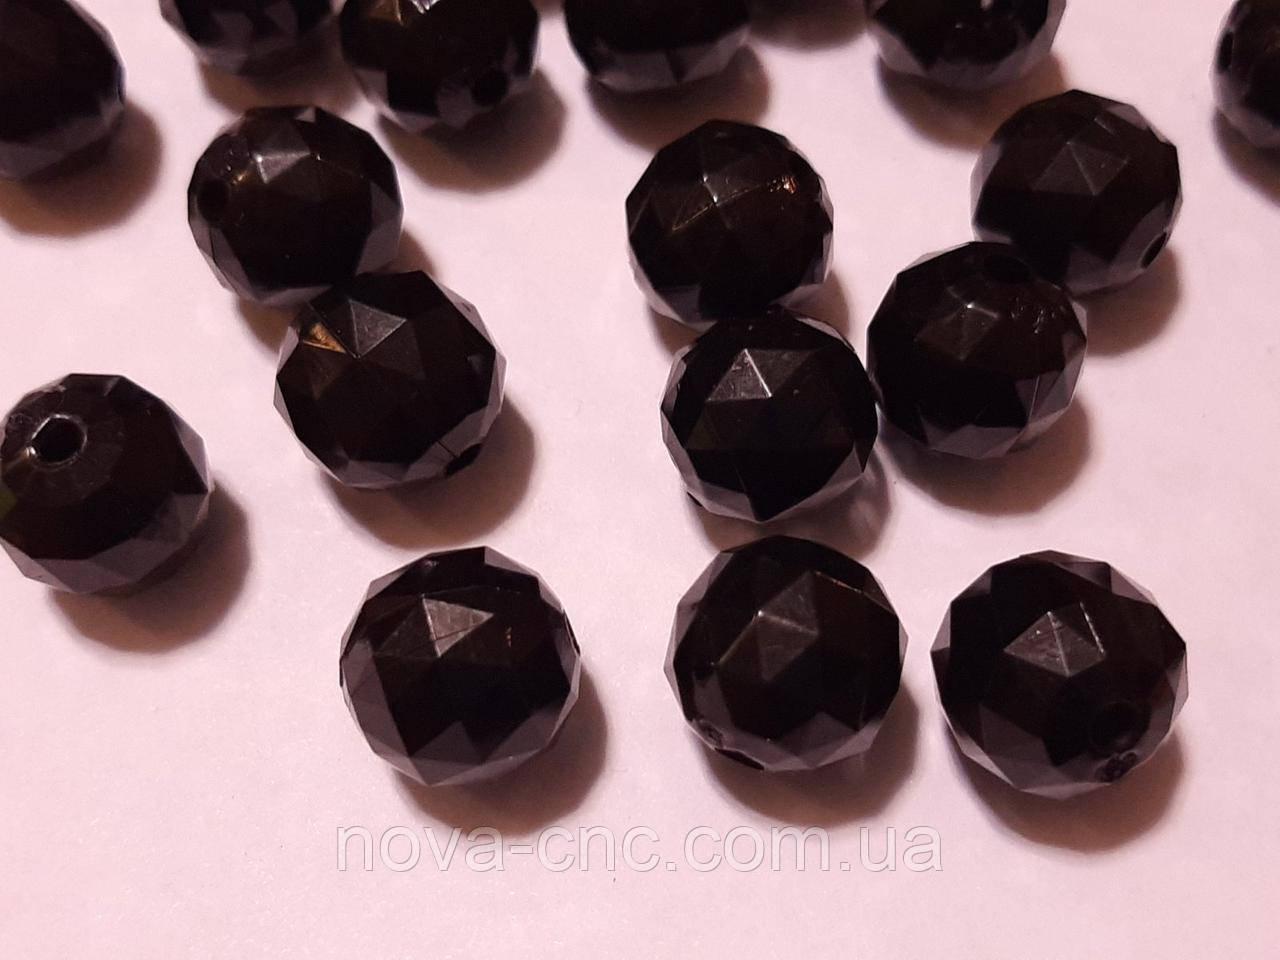 """Бусины акрил """"Шар треугольная грань"""" черный 14 мм 500 грамм"""